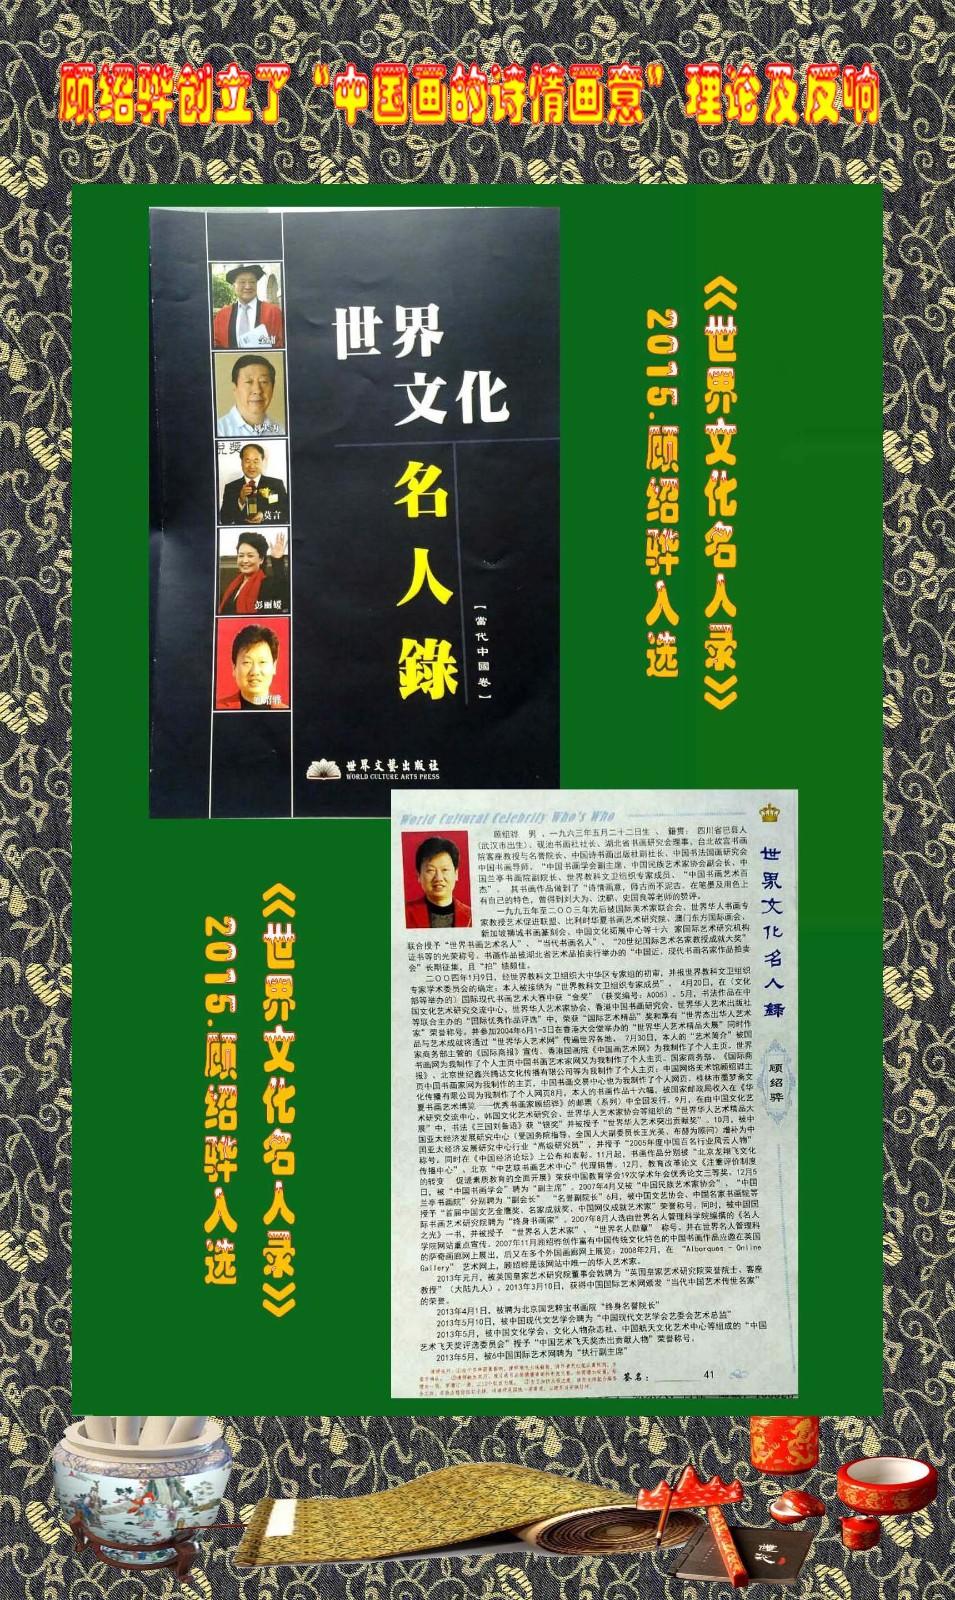 顾绍骅在中国画方面作出的一点贡献_图1-24